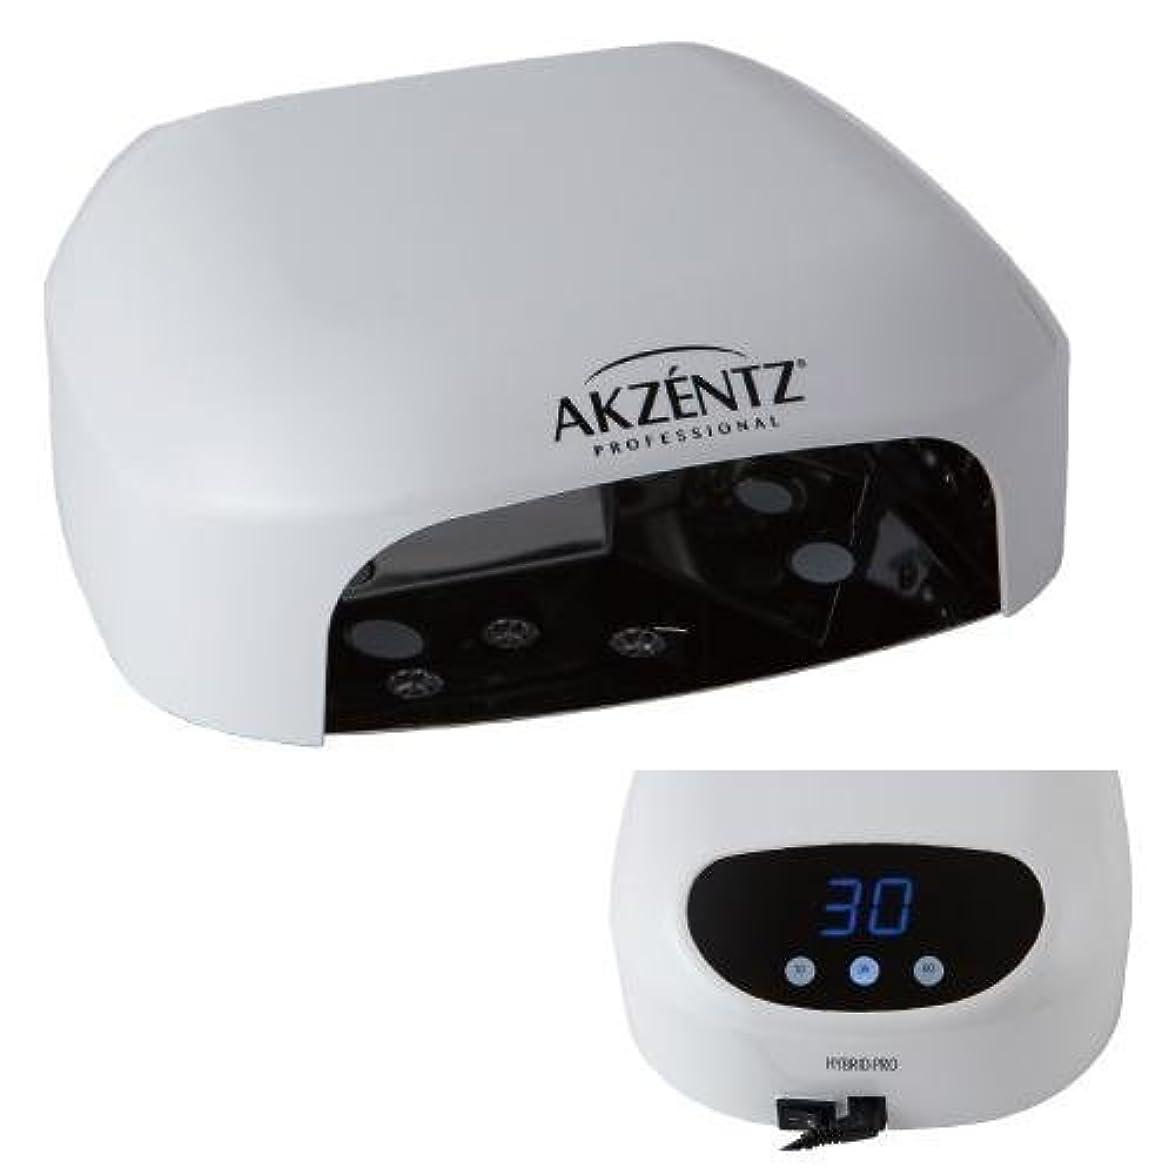 ハンディ代表するウナギAKZENTZ(アクセンツ) ハイブリットプロLEDランプ 36W/タイマー付き